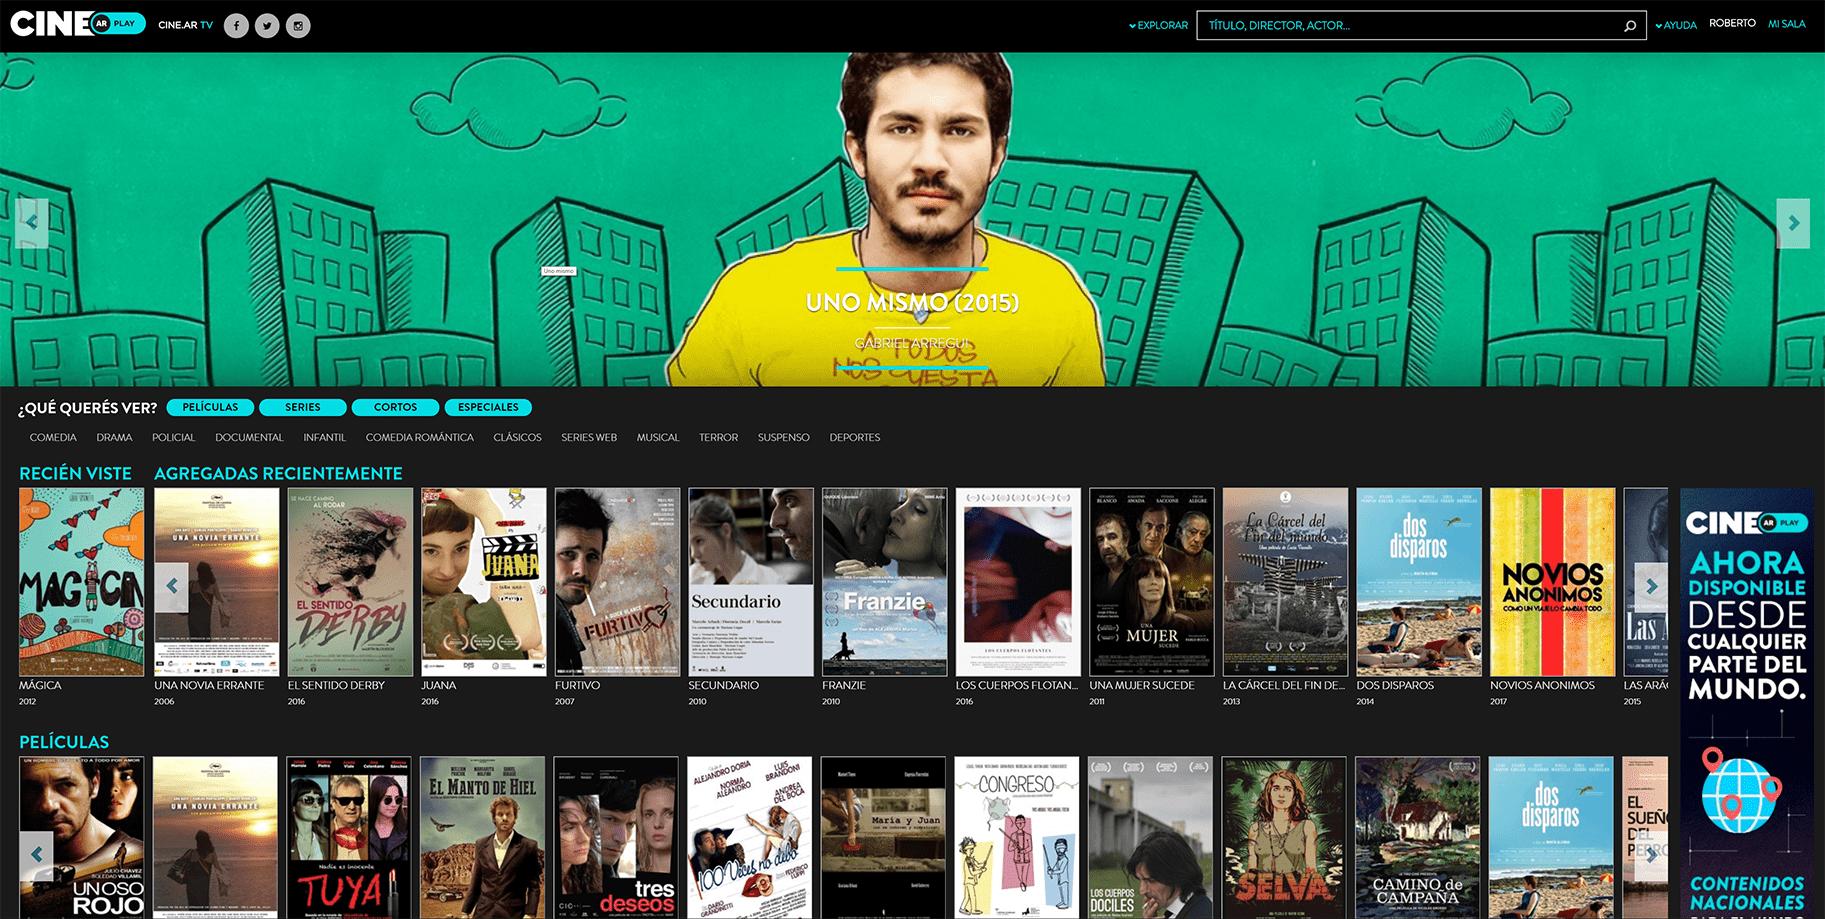 Cine.ar Play, a plataforma online de cinema argentino. Imagem: Divulgação.